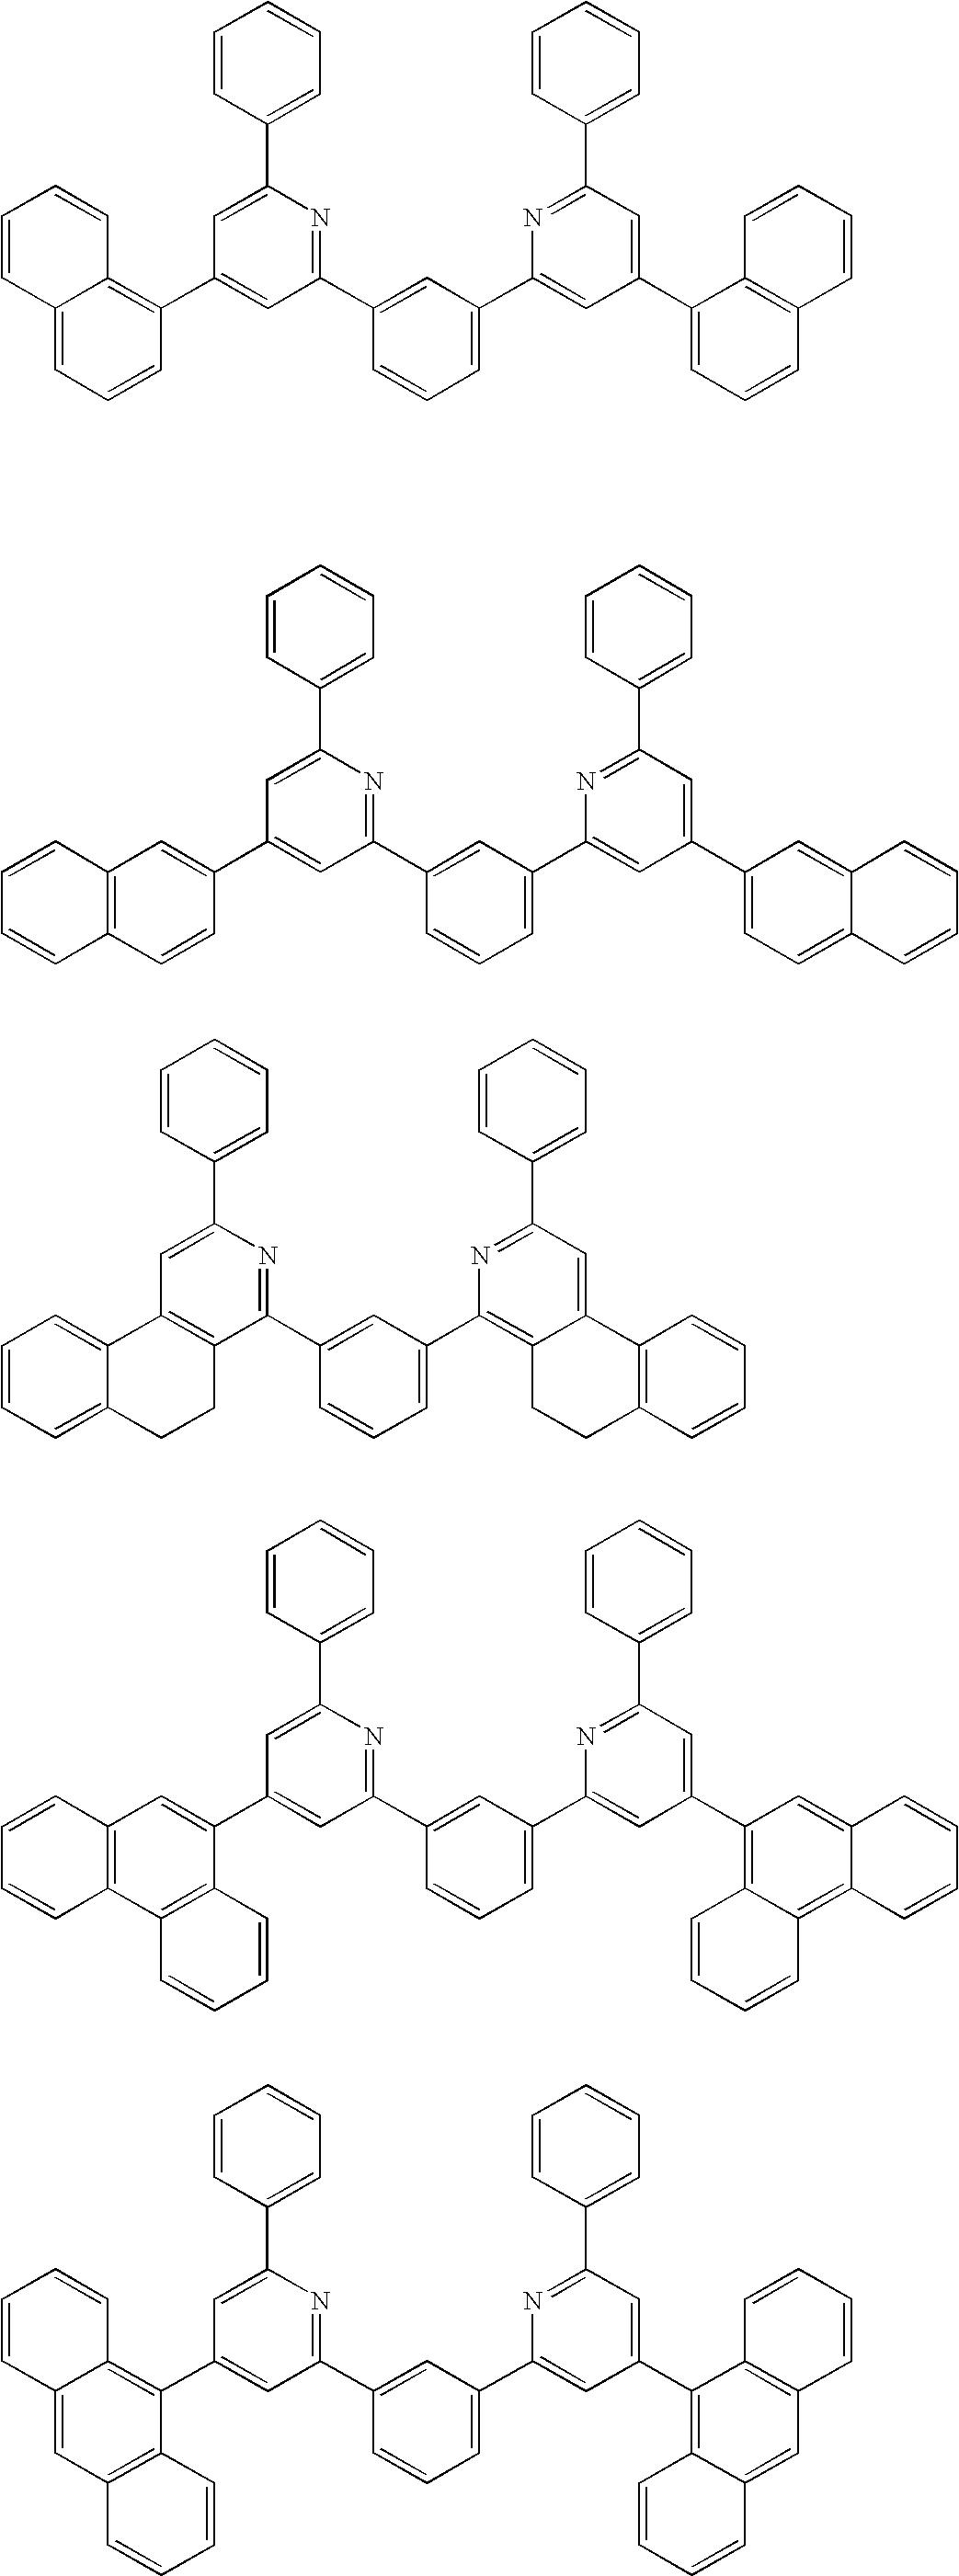 Figure US20060186796A1-20060824-C00032